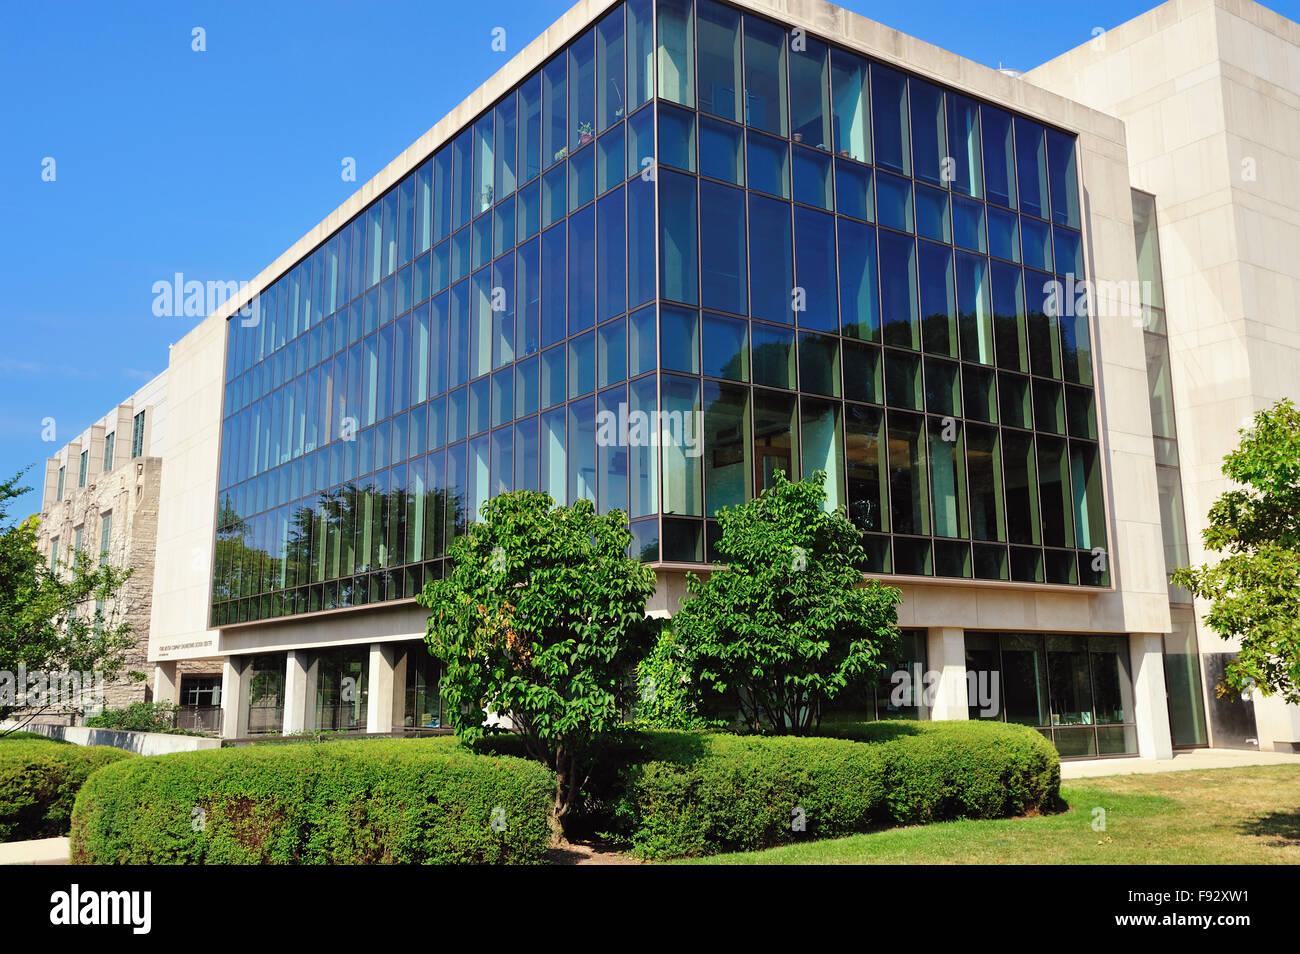 Die Ford Motor Company Engineering Center auf dem Campus der Northwestern University im Chicagoer Vorort Evanston, Stockbild